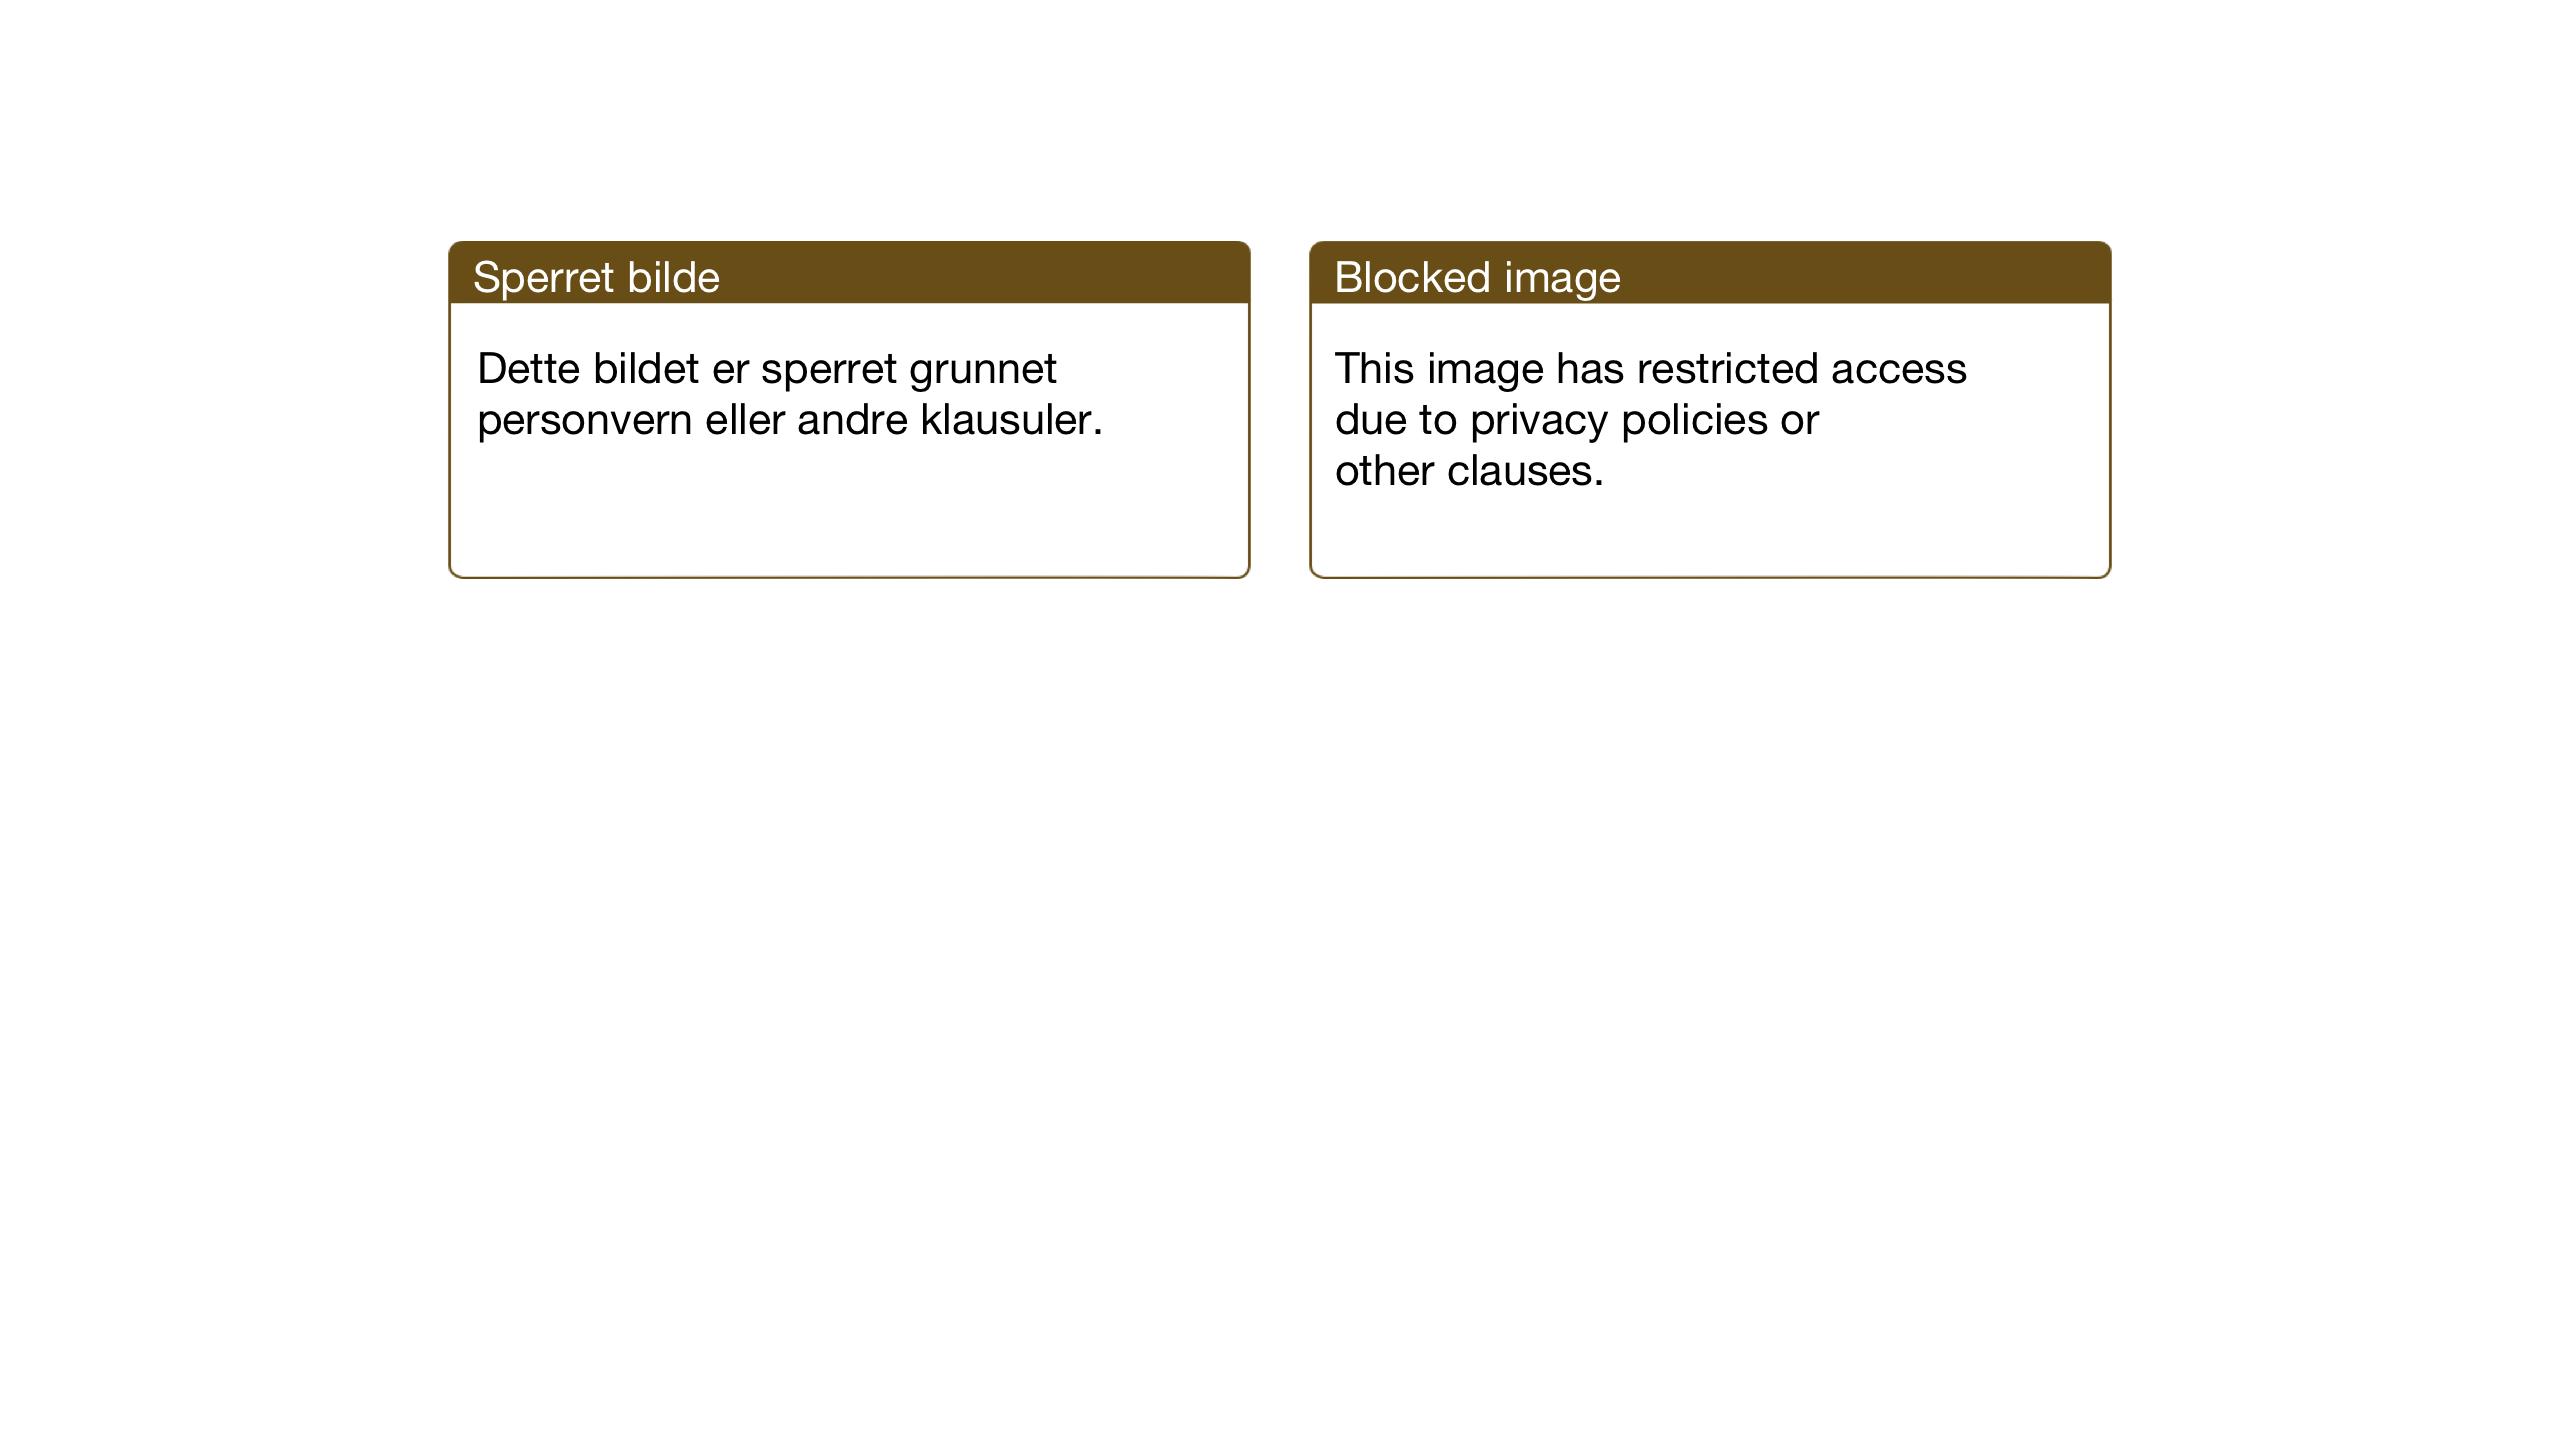 SAT, Ministerialprotokoller, klokkerbøker og fødselsregistre - Nord-Trøndelag, 770/L0592: Klokkerbok nr. 770C03, 1941-1950, s. 60